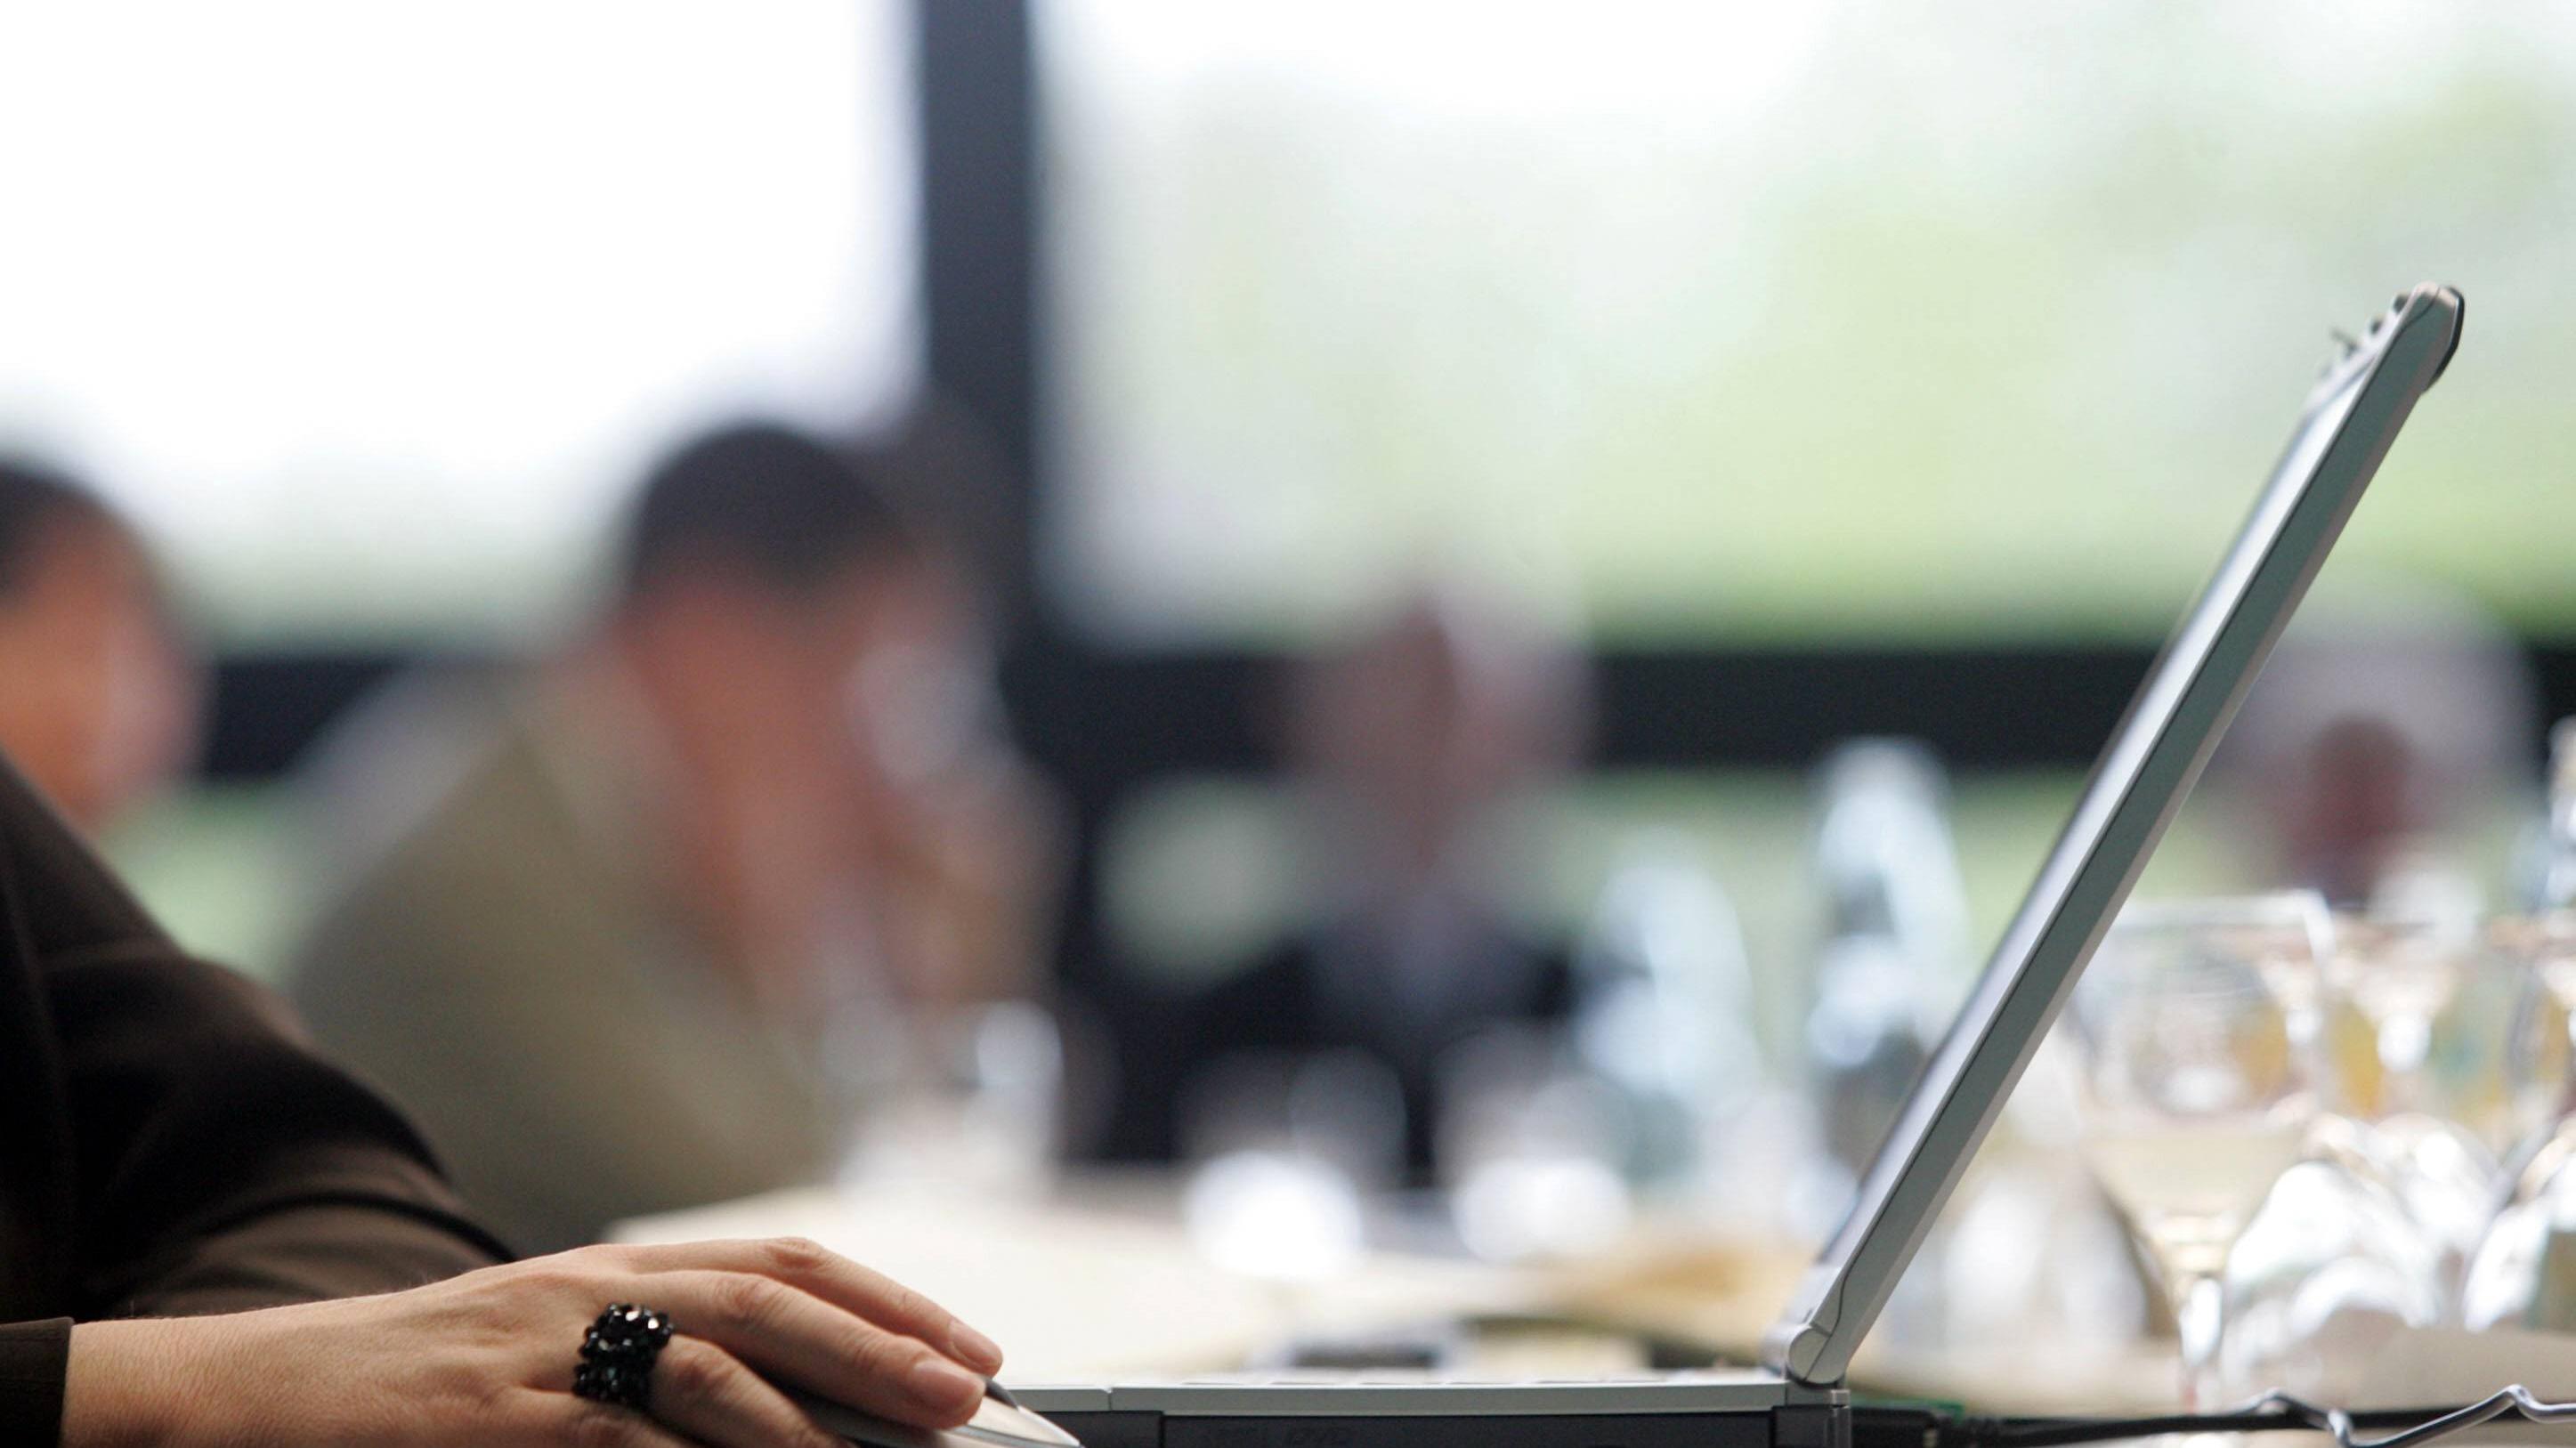 Keine gültige IP-Konfiguration: Bedeutung der Fehlermeldung und Lösung